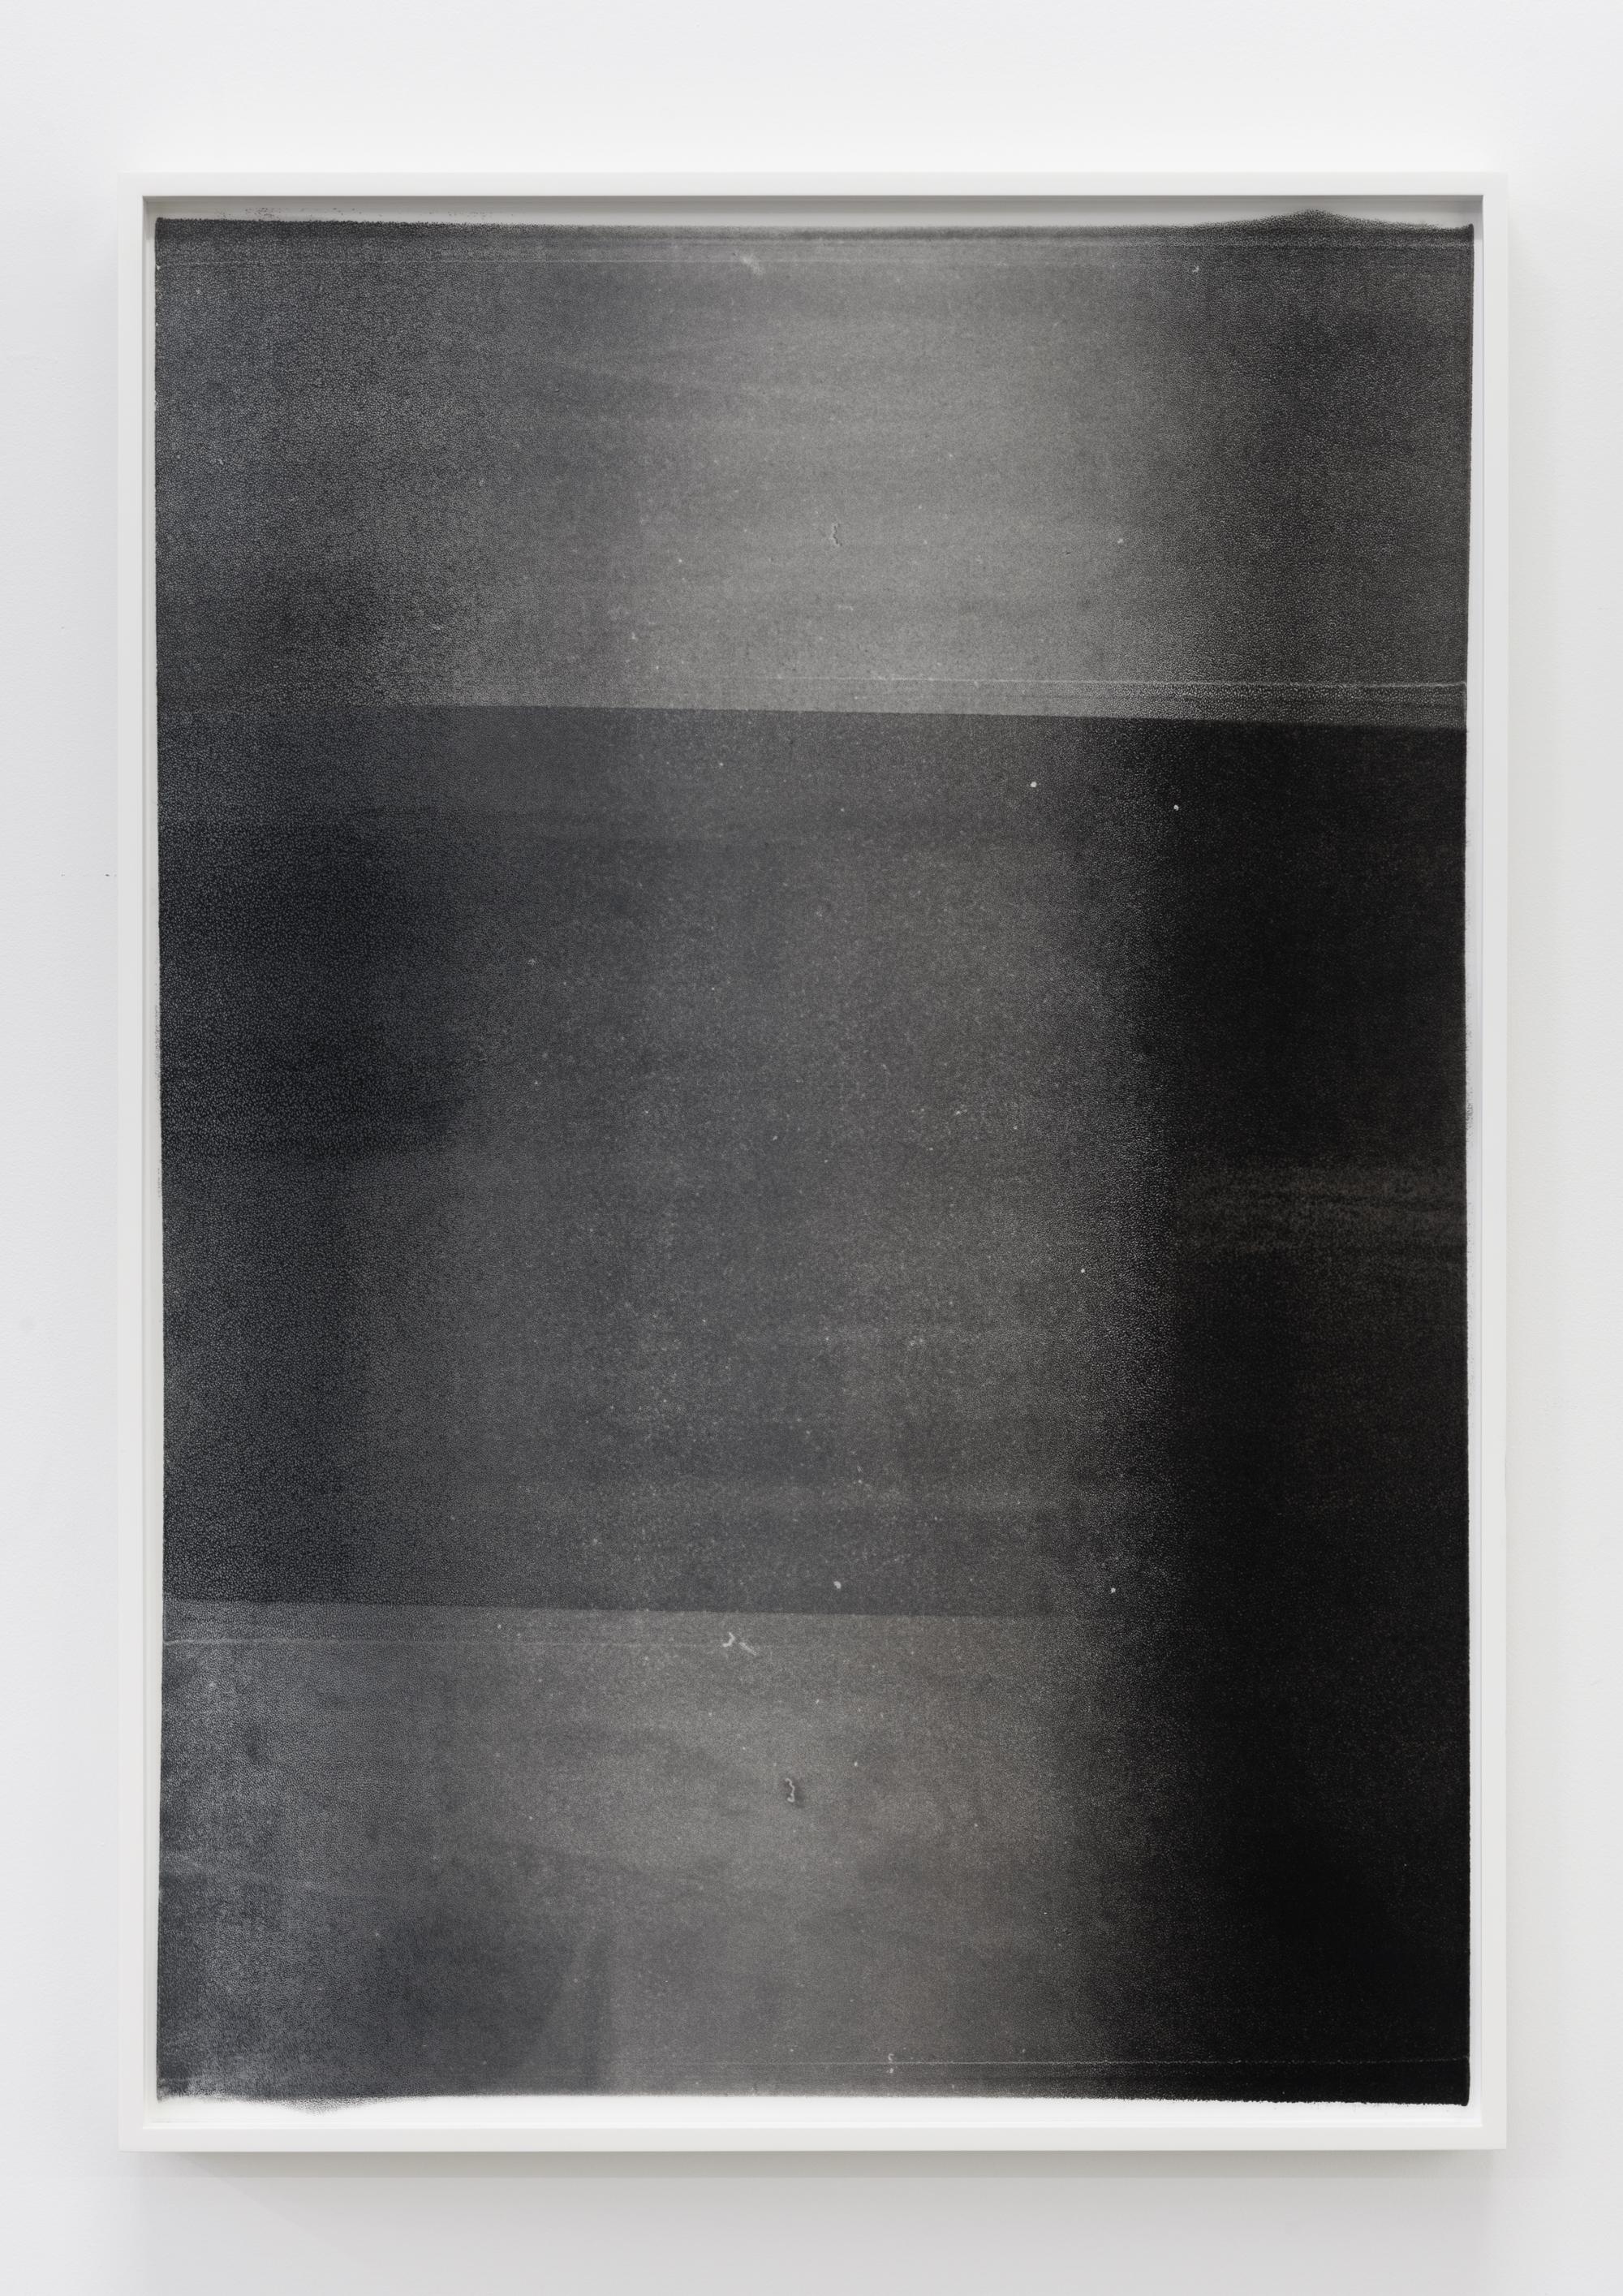 """Jim Verburg,  Untitled (Dark Glow) , 2016, oil on mylar, 31"""" x 22"""" (76 x 54 cm)"""